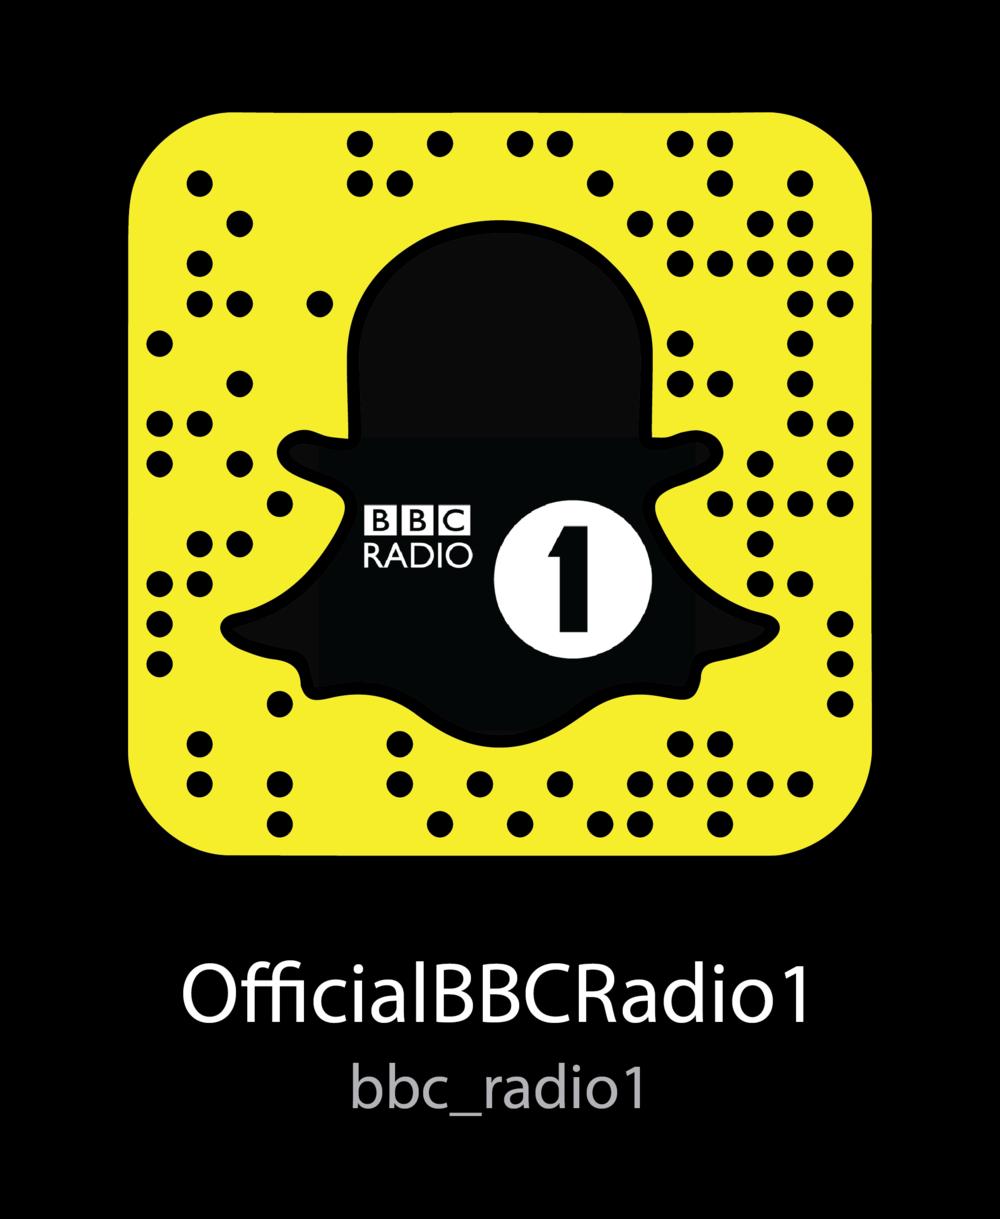 bbc_radio1-radio-stations-snapchat-snapcode.png